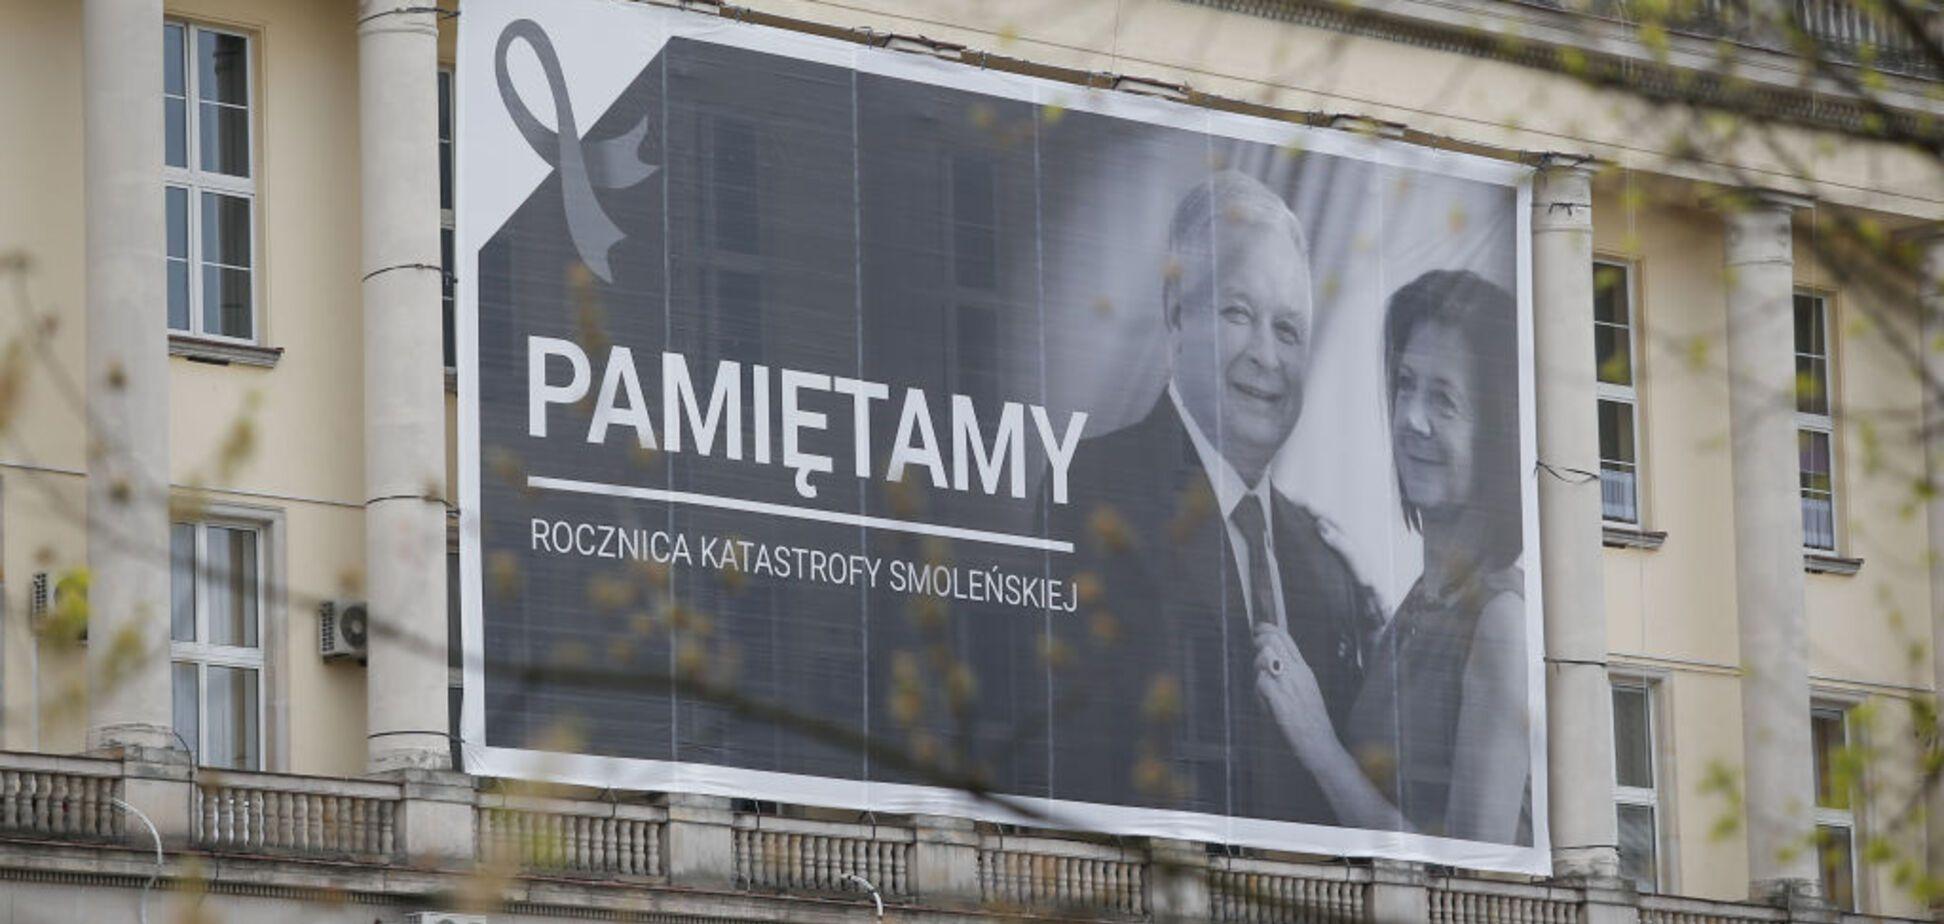 'Не считаем нужным': Москва ответила на громкие обвинения ЕС